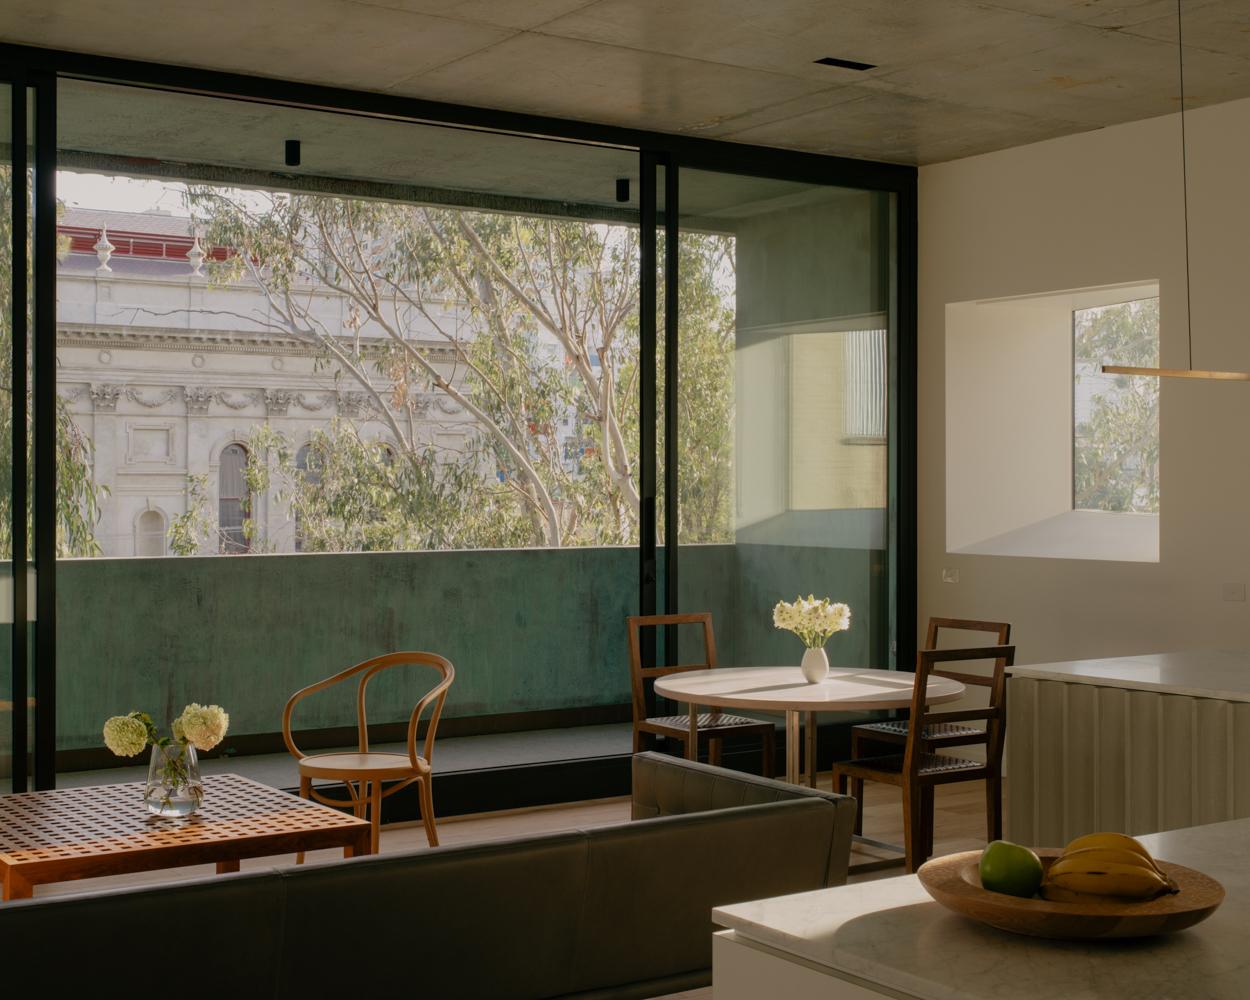 Melbourne apartment interior